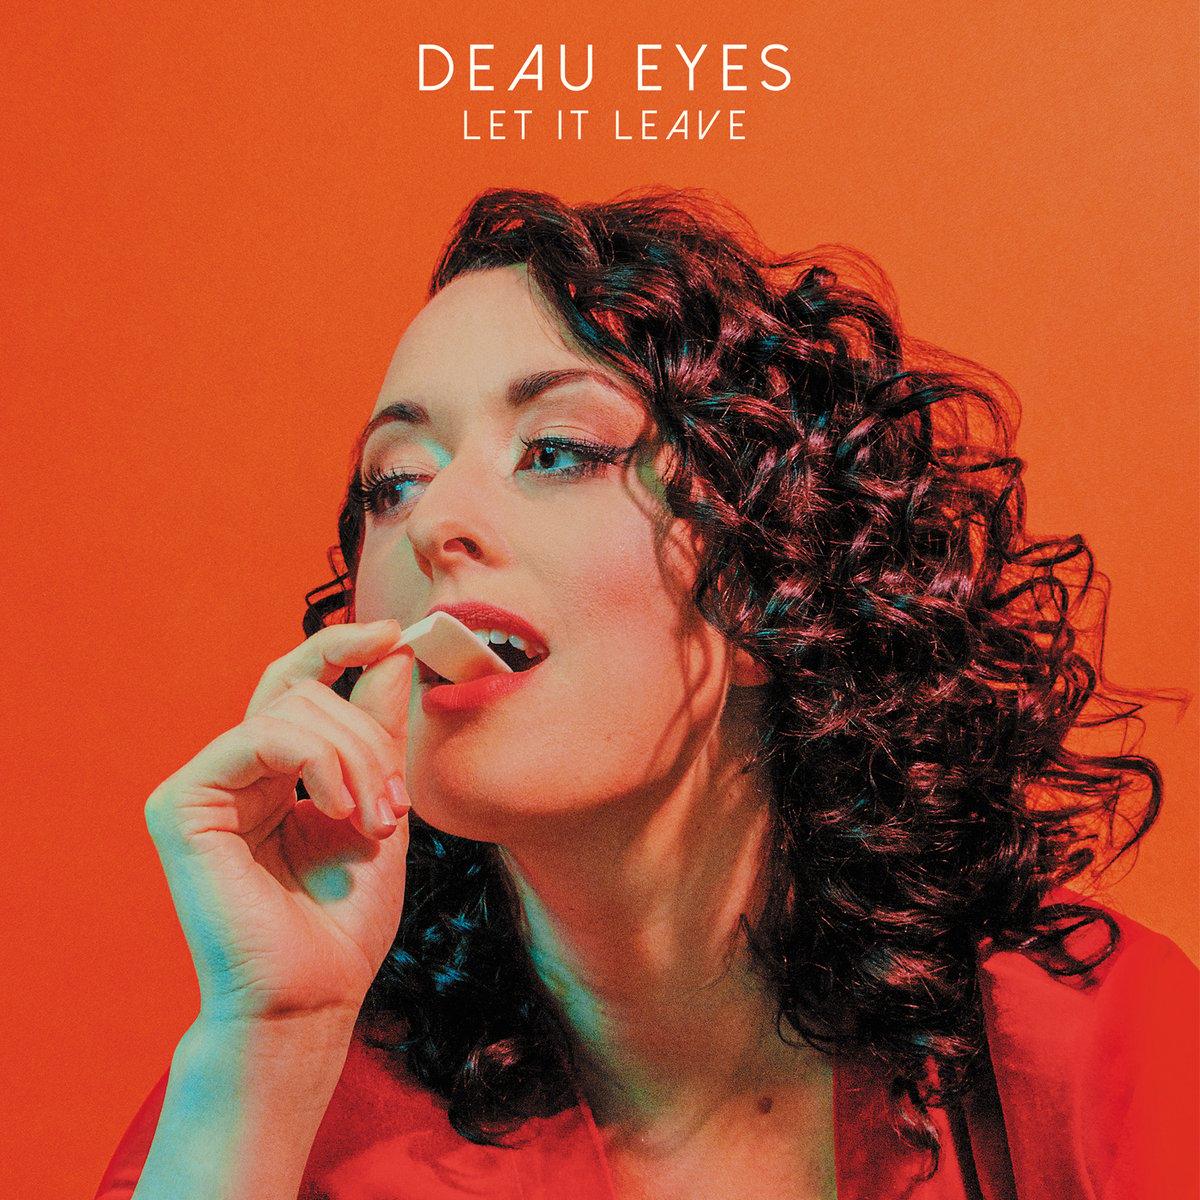 Deau Eyes - Let It Leave (CD, Vinyl)